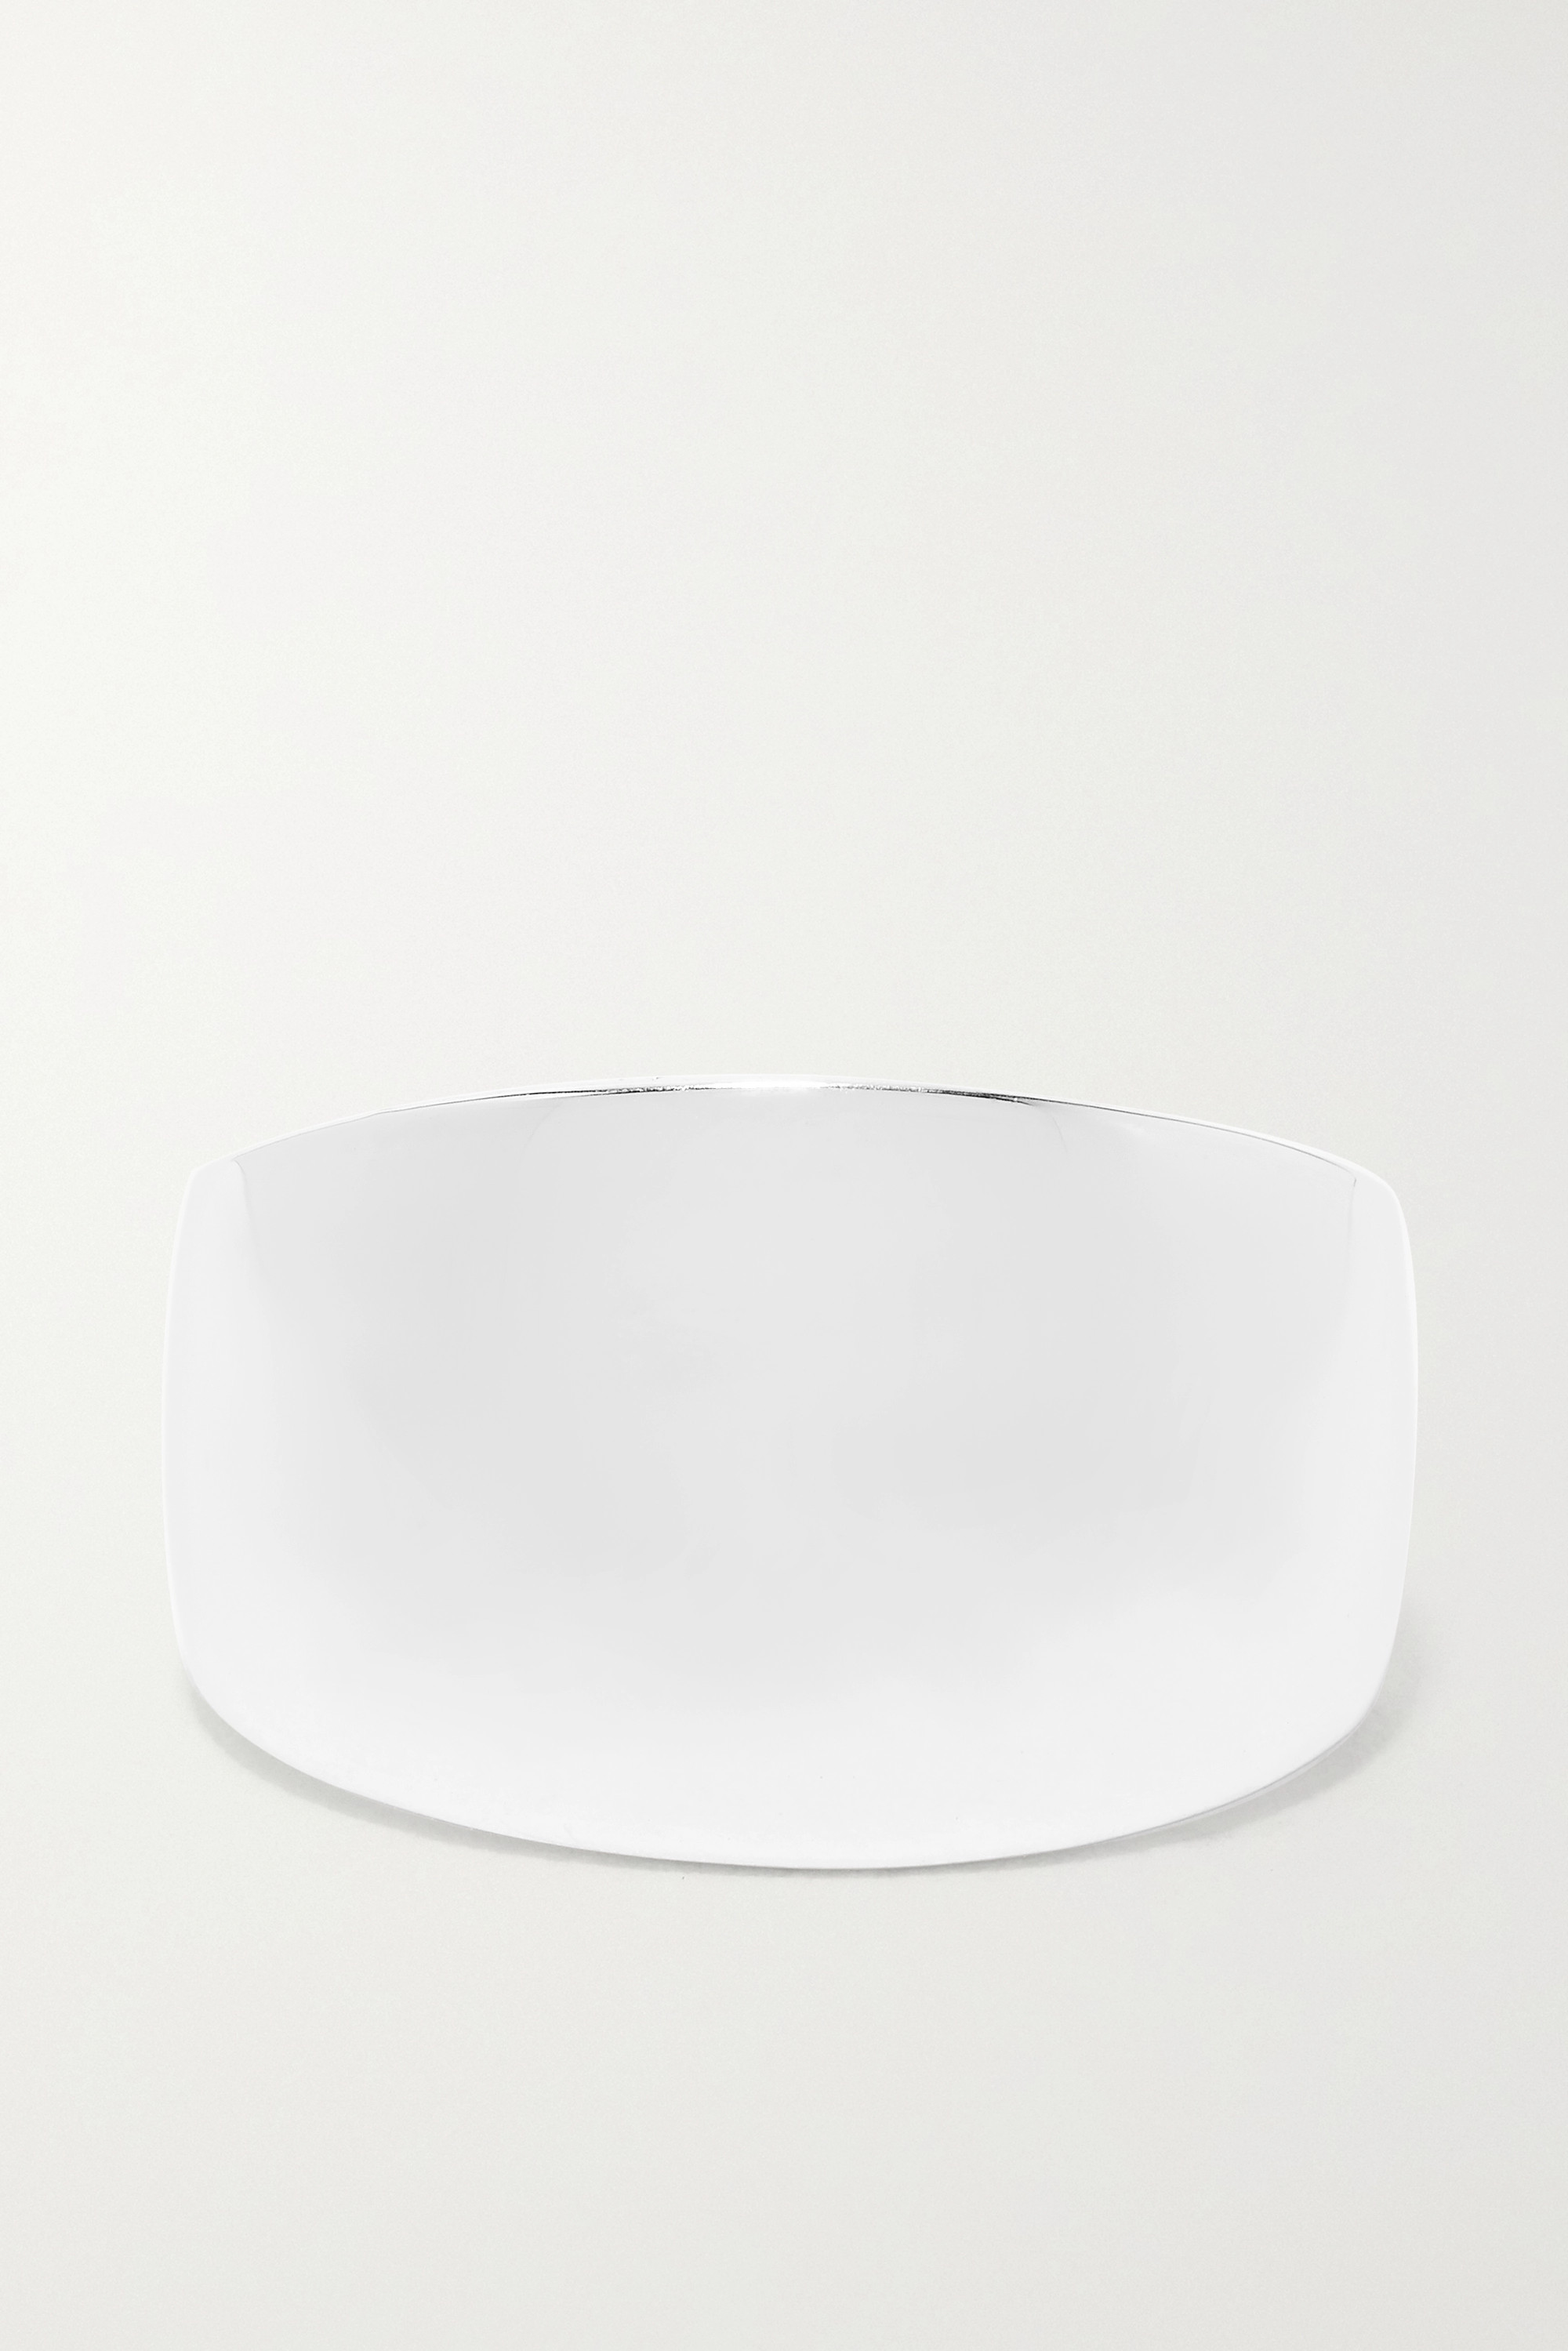 Anita Ko Galaxy 18-karat white gold ear cuff